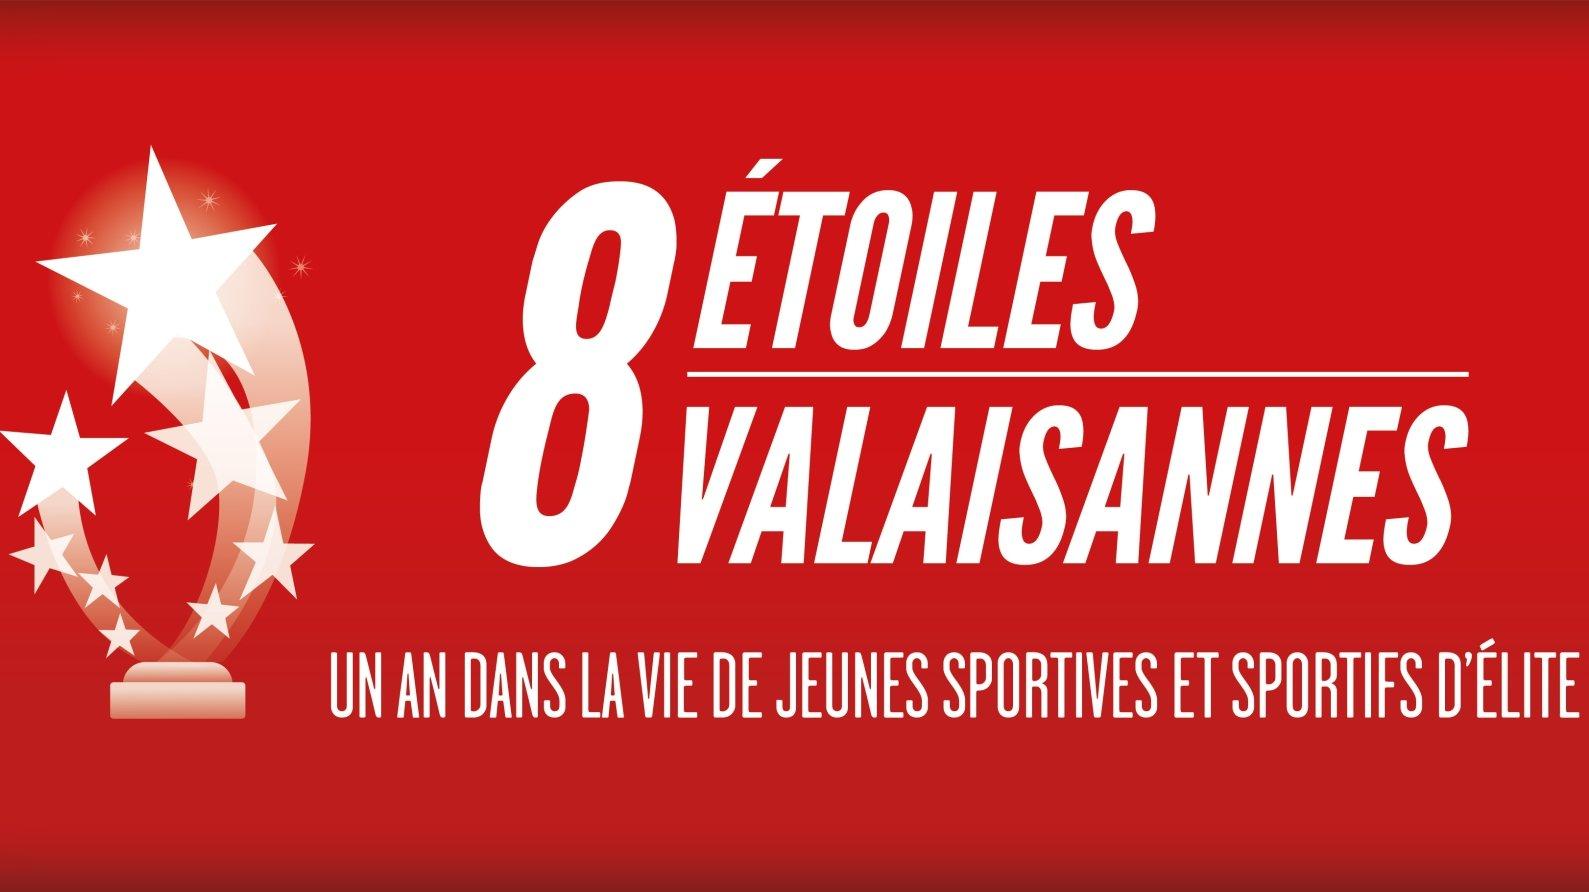 8 étoiles valaisannes: durant plus d'un an, «Le Nouvelliste» va suivre 8 jeunes sportives et sportifs